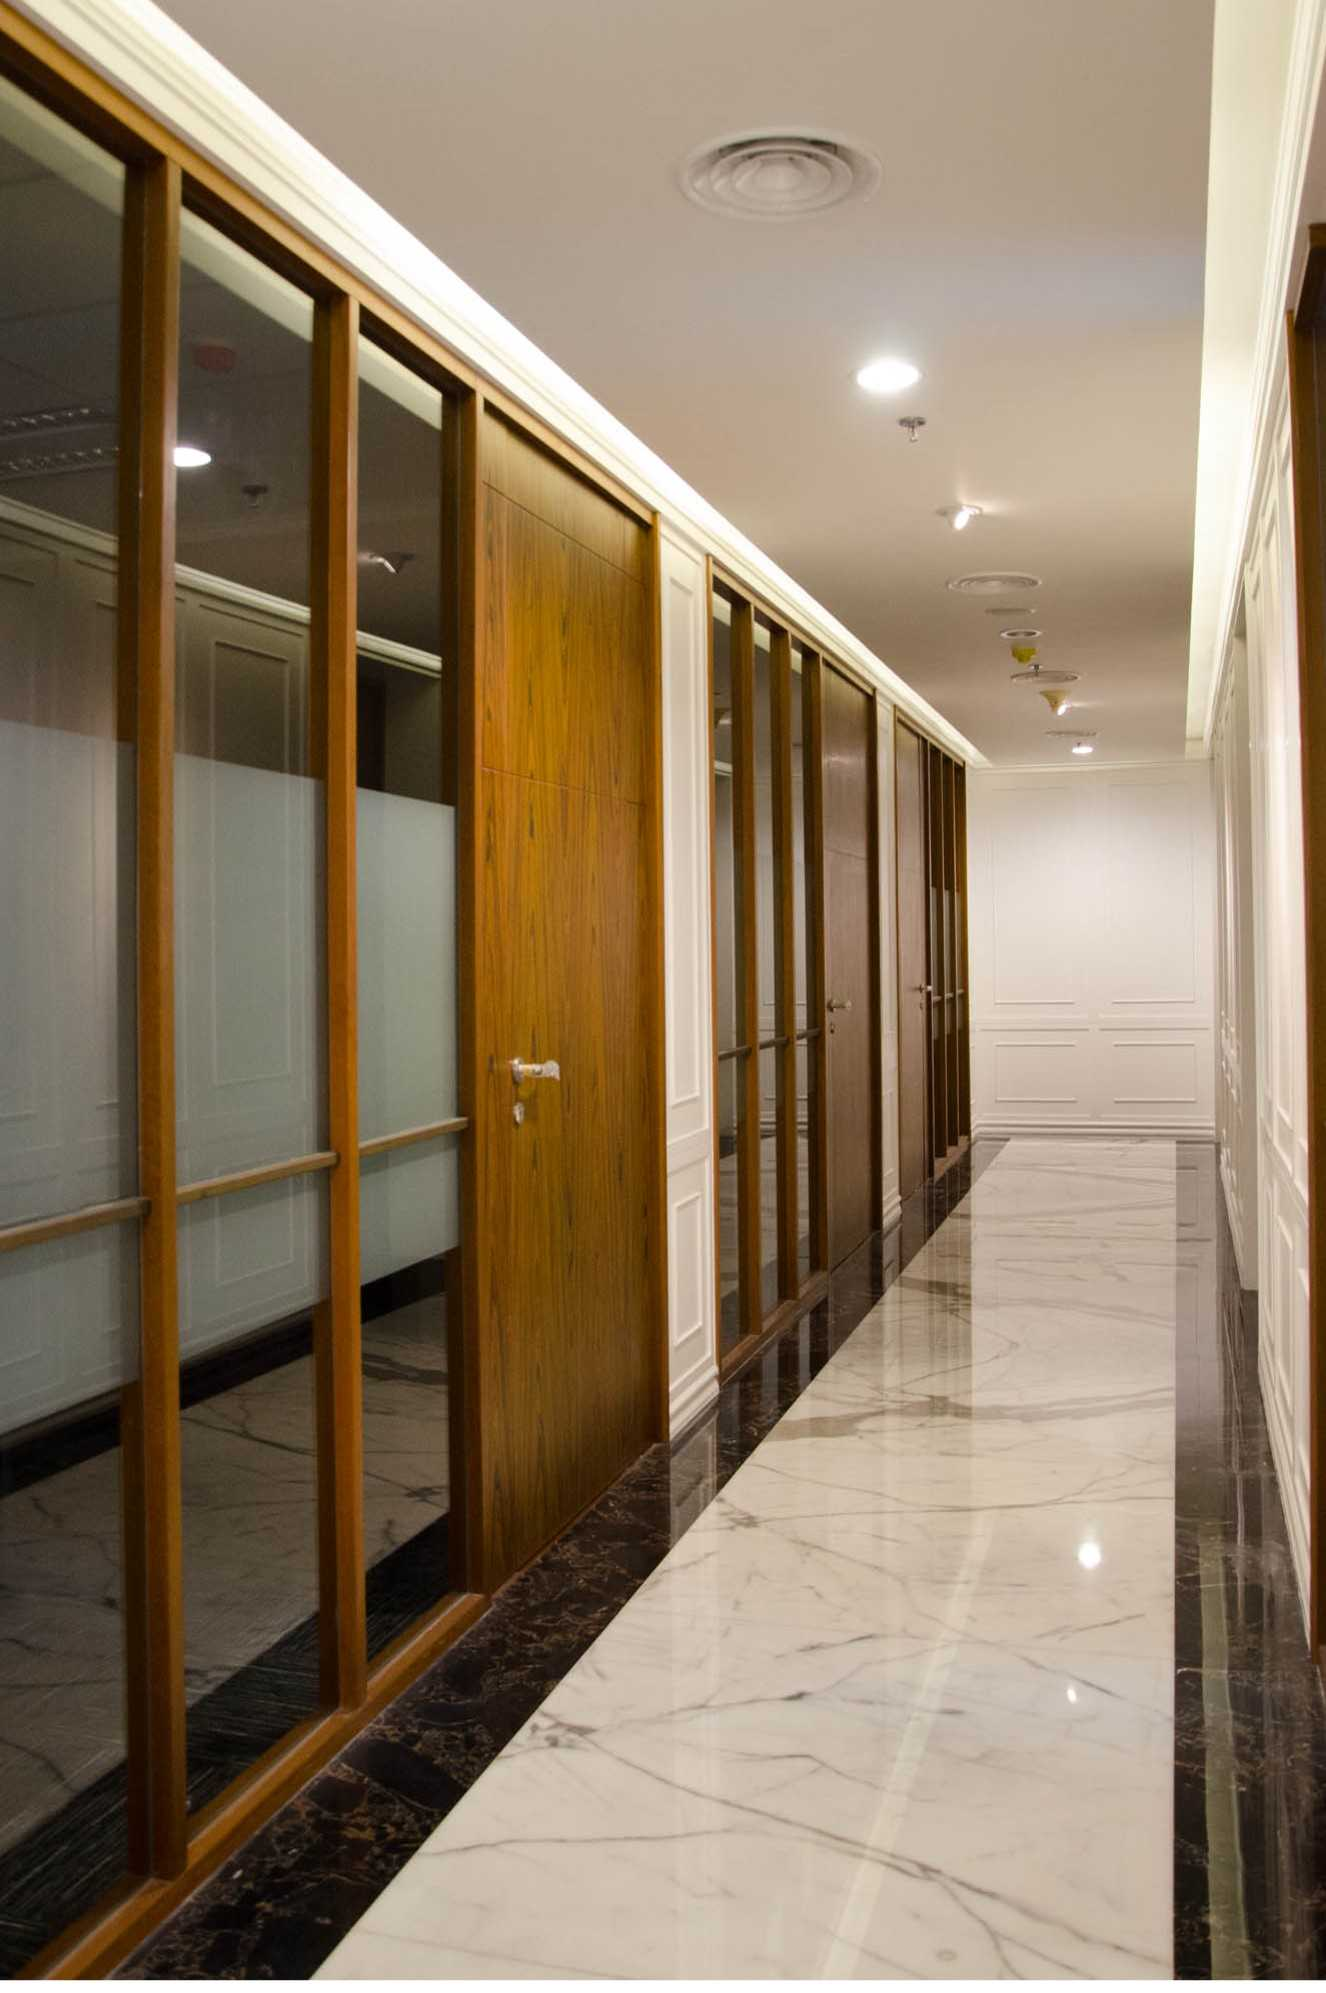 Talenta Interior Gbu Office Jakarta, Daerah Khusus Ibukota Jakarta, Indonesia Jakarta, Daerah Khusus Ibukota Jakarta, Indonesia Talenta-Interior-Gbu-Office  65507